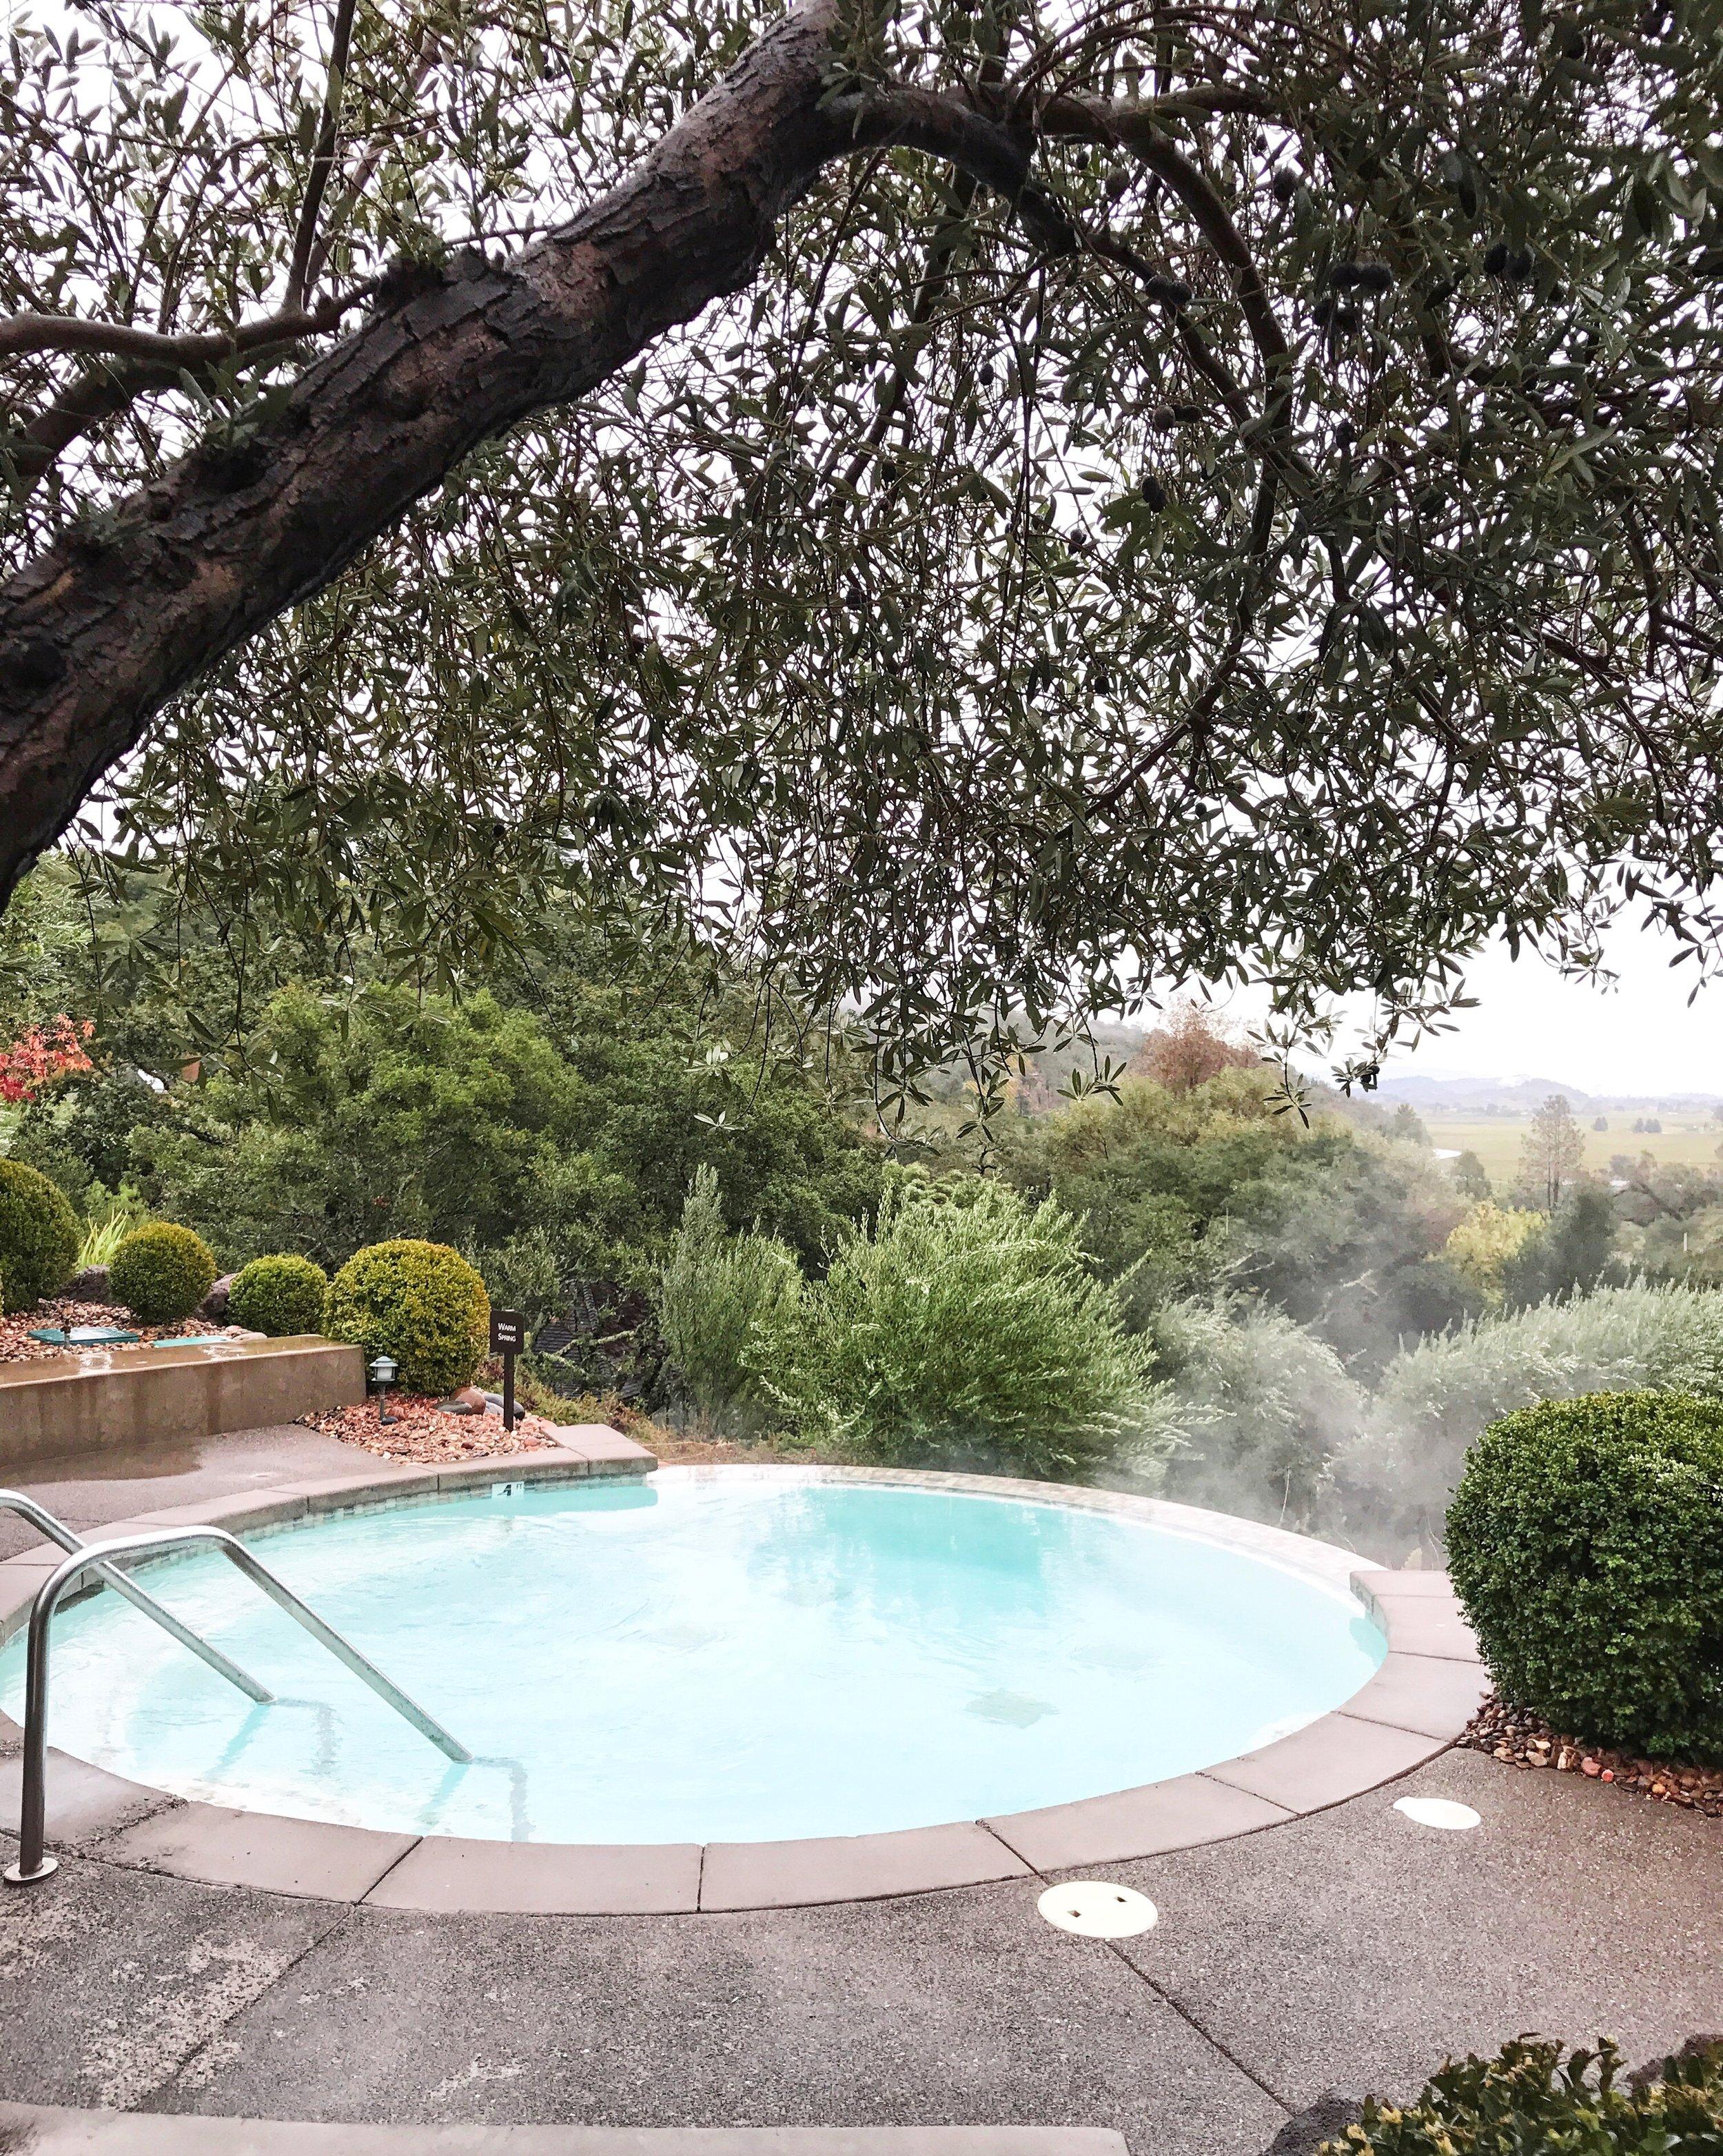 Temperate soaking pool